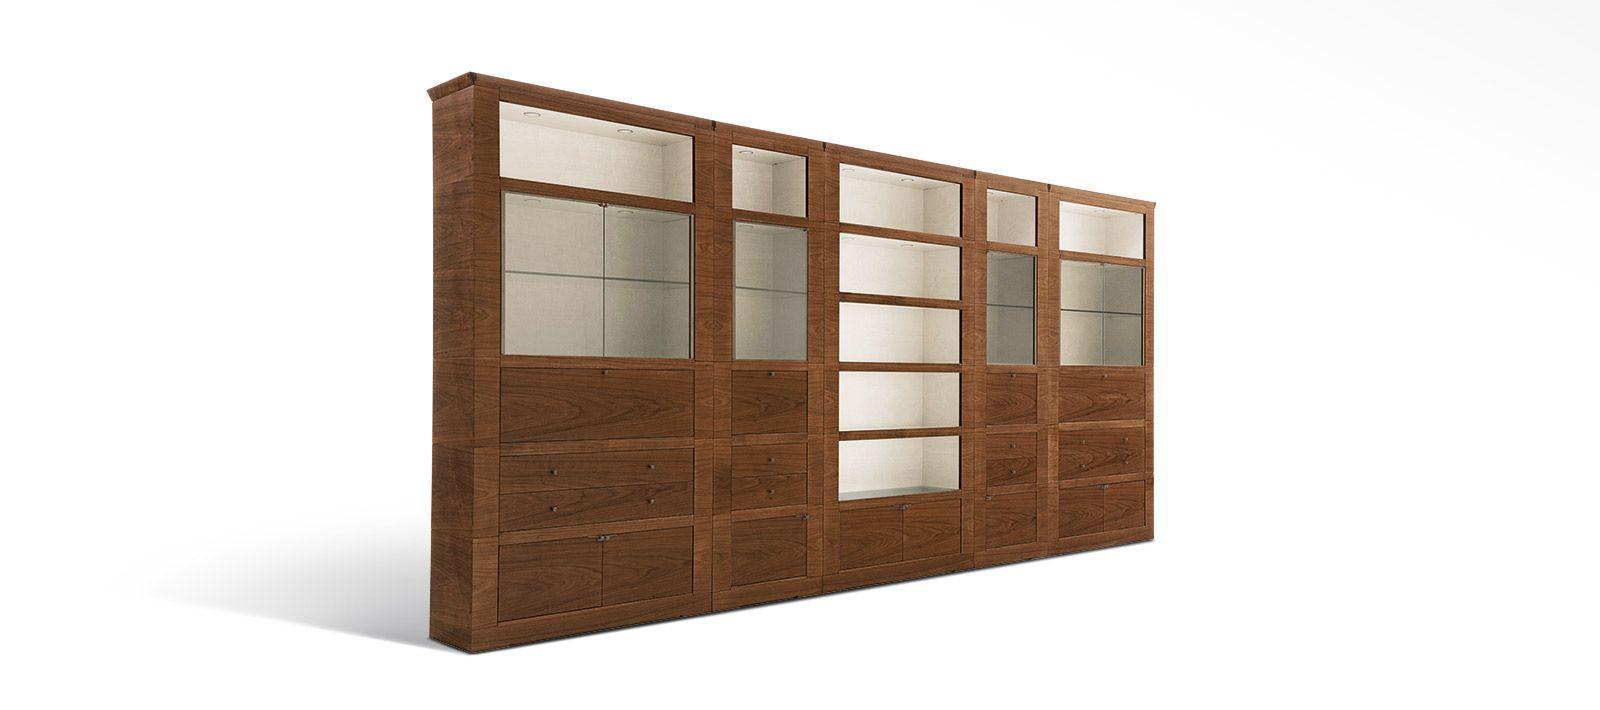 Giorgetti Cabinet Pinterest # Muebles Giorgetti